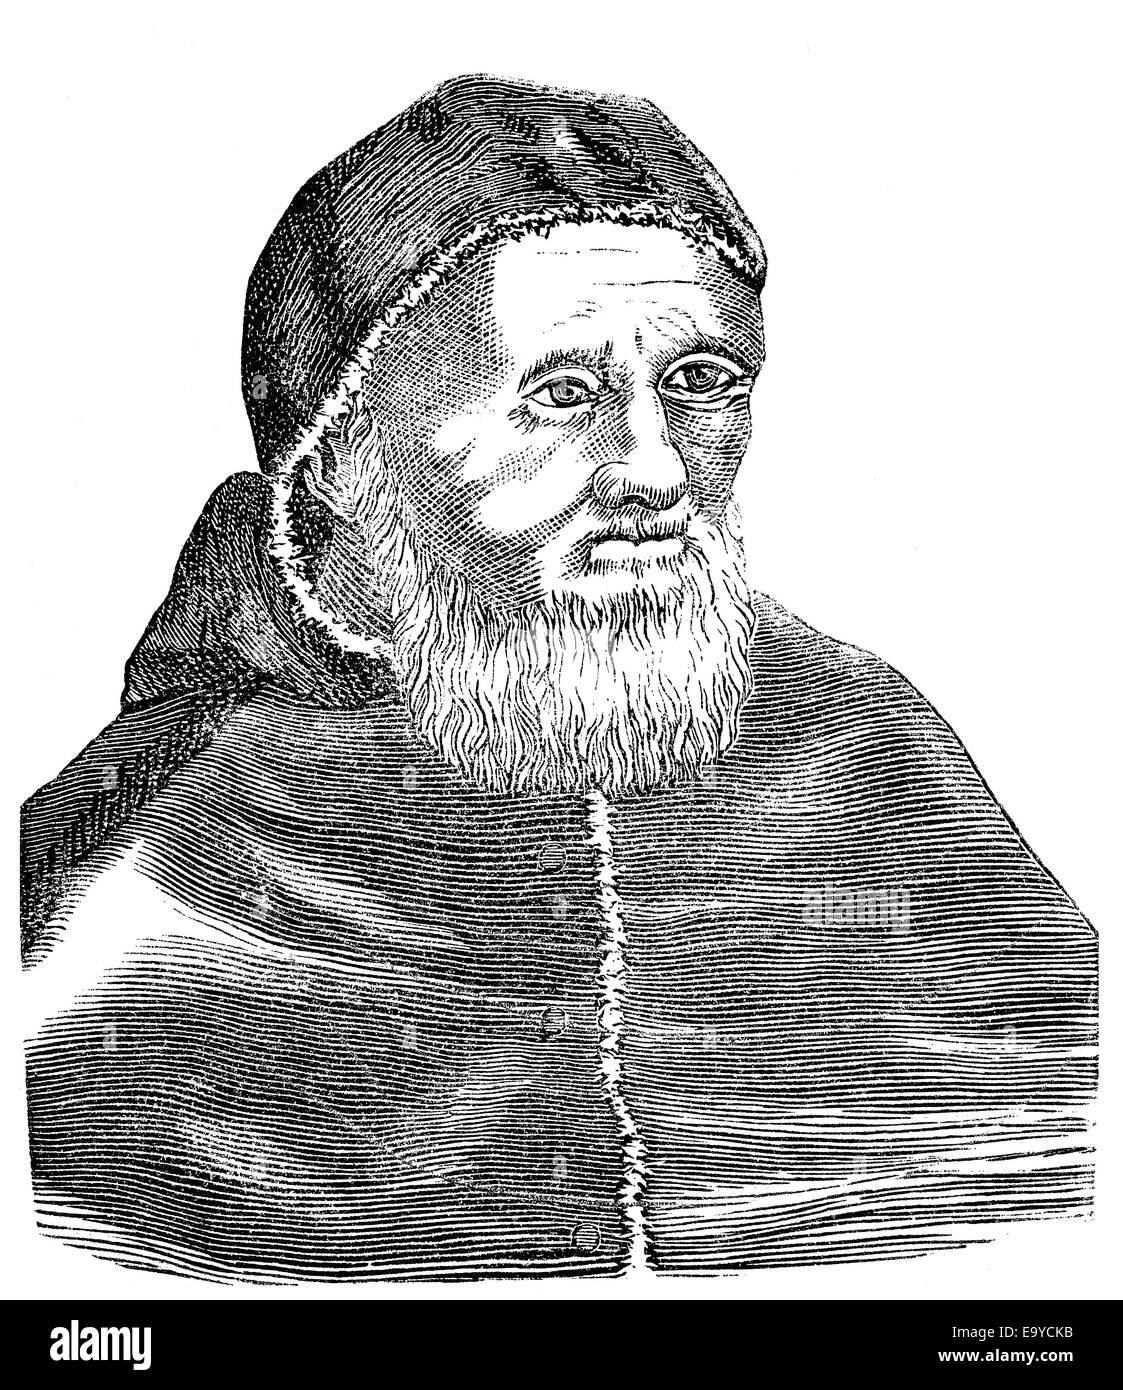 Pope Julius II or Iulius II,  1443-1513,  nicknamed, The Fearsome Pope, the Warrior Pope, born Giuliano della Rovere, - Stock Image